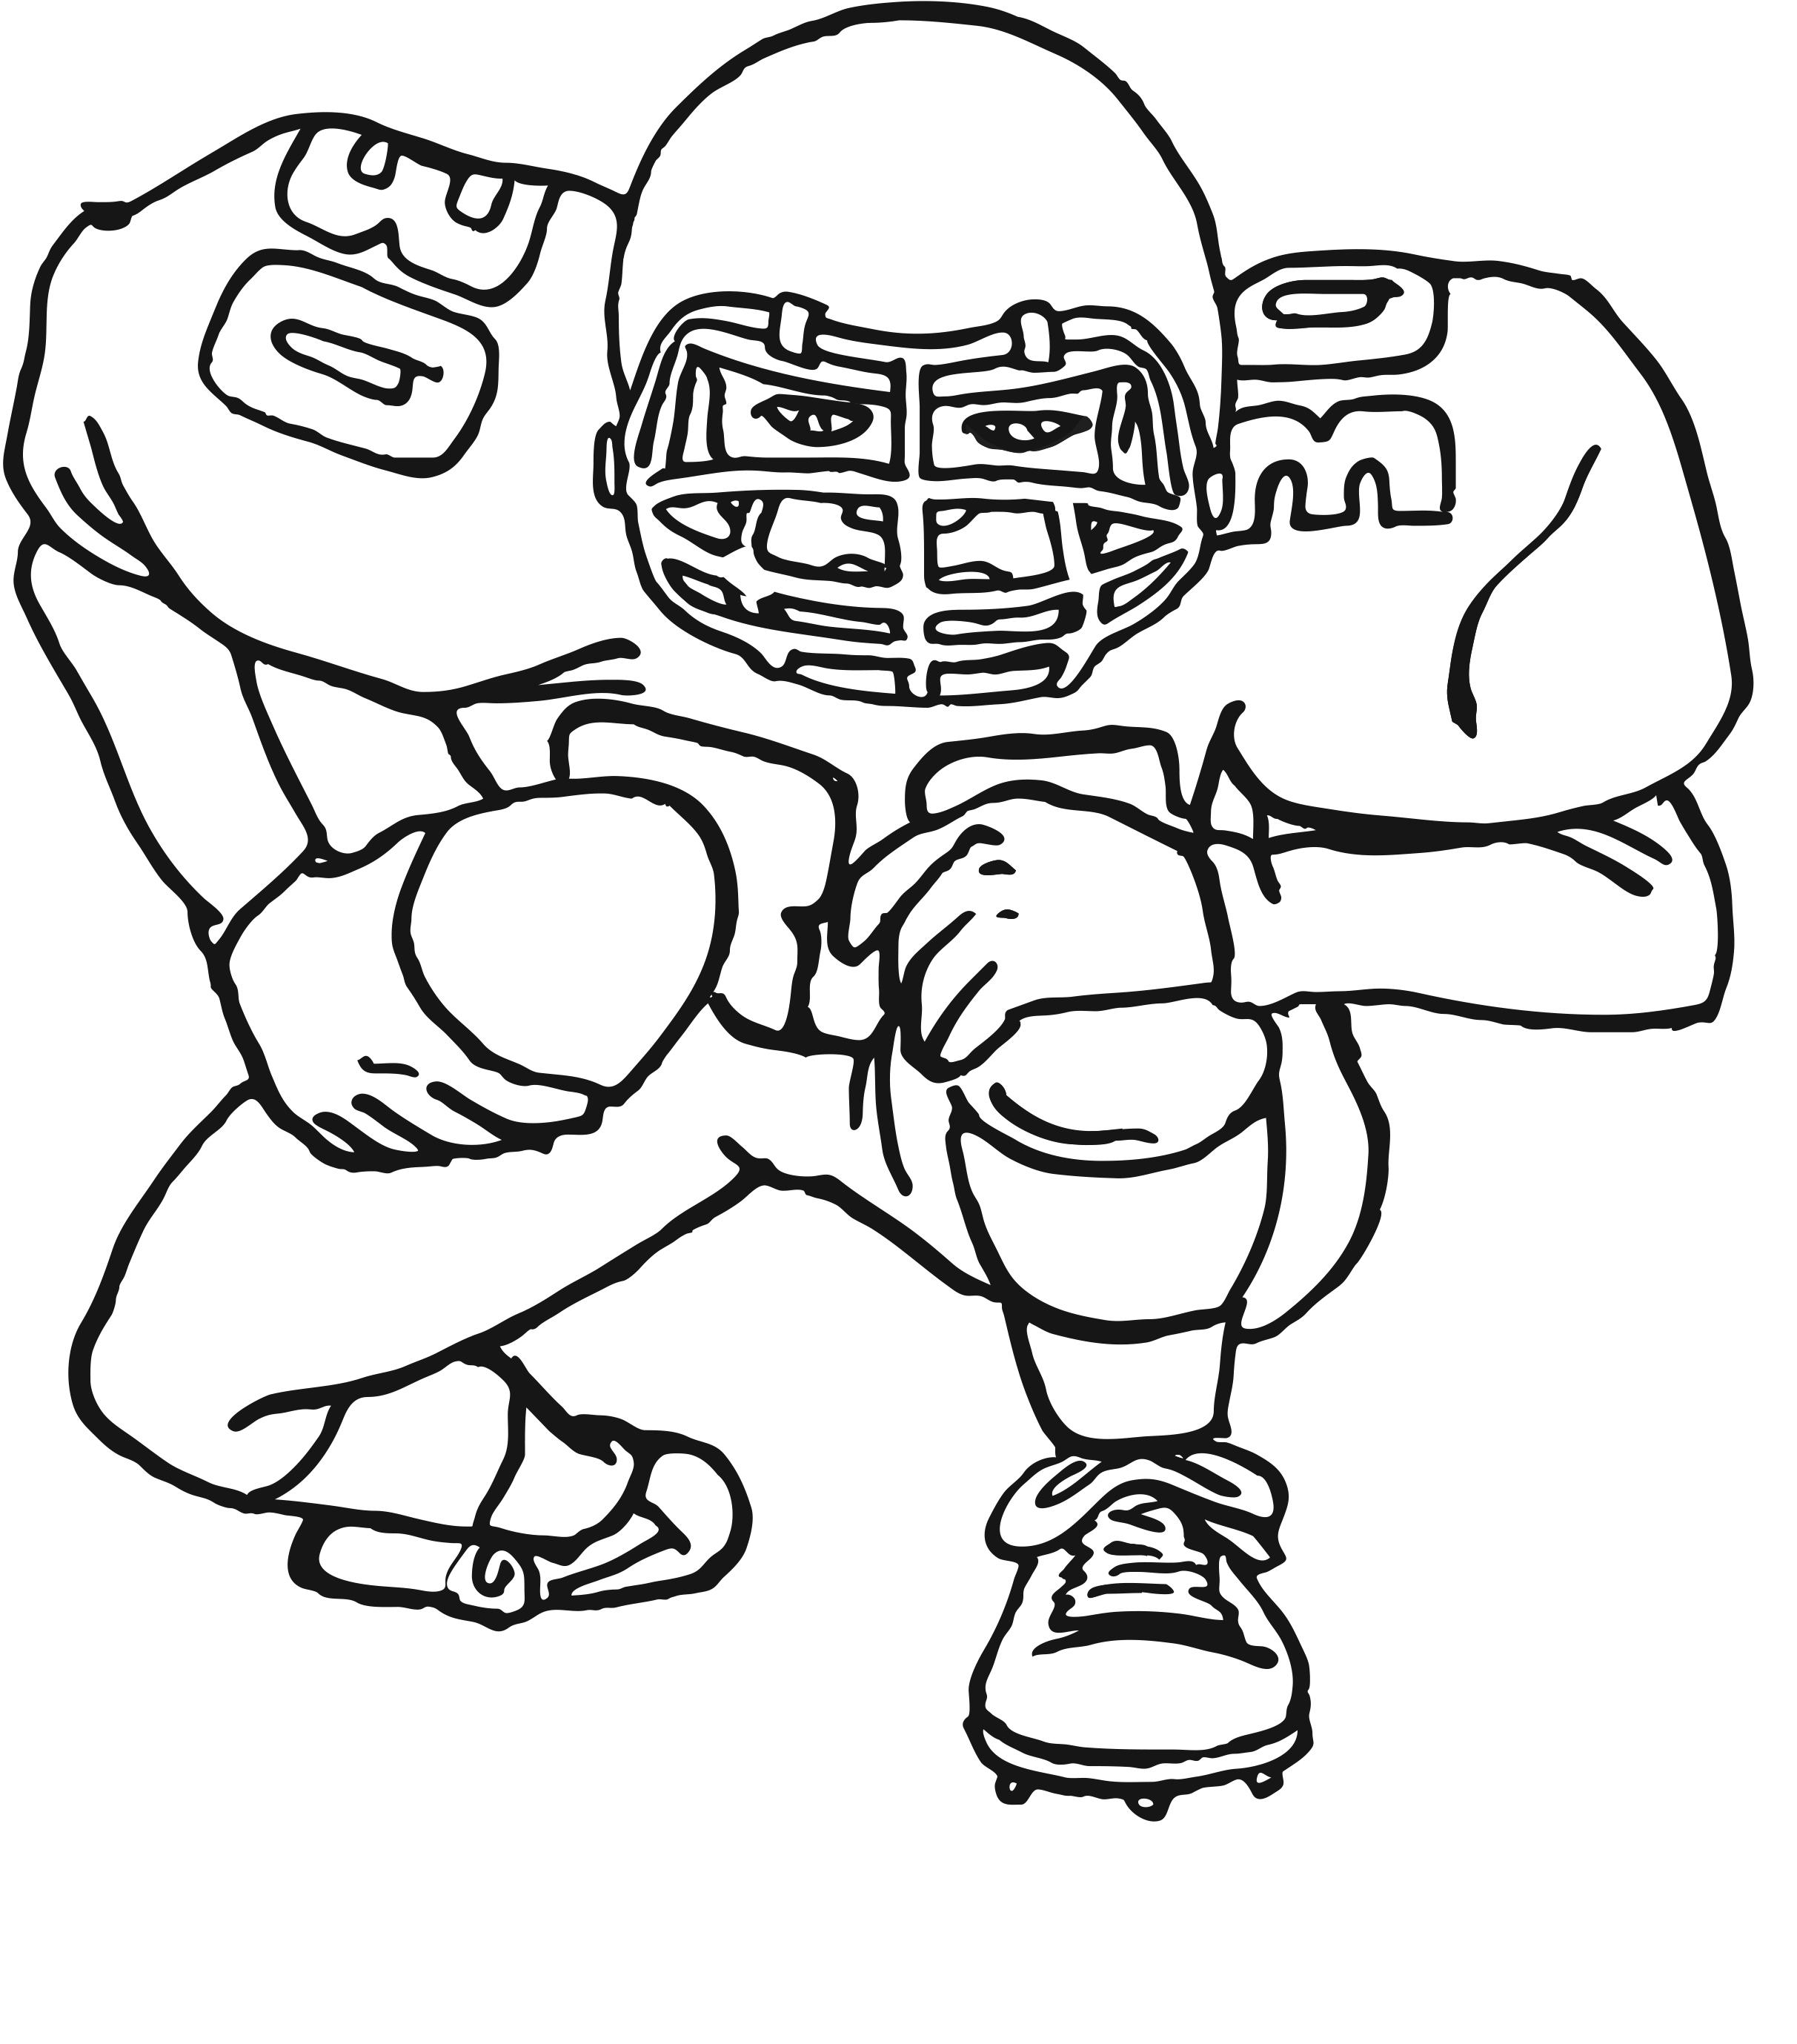 American Football Ball Drawing At Getdrawings